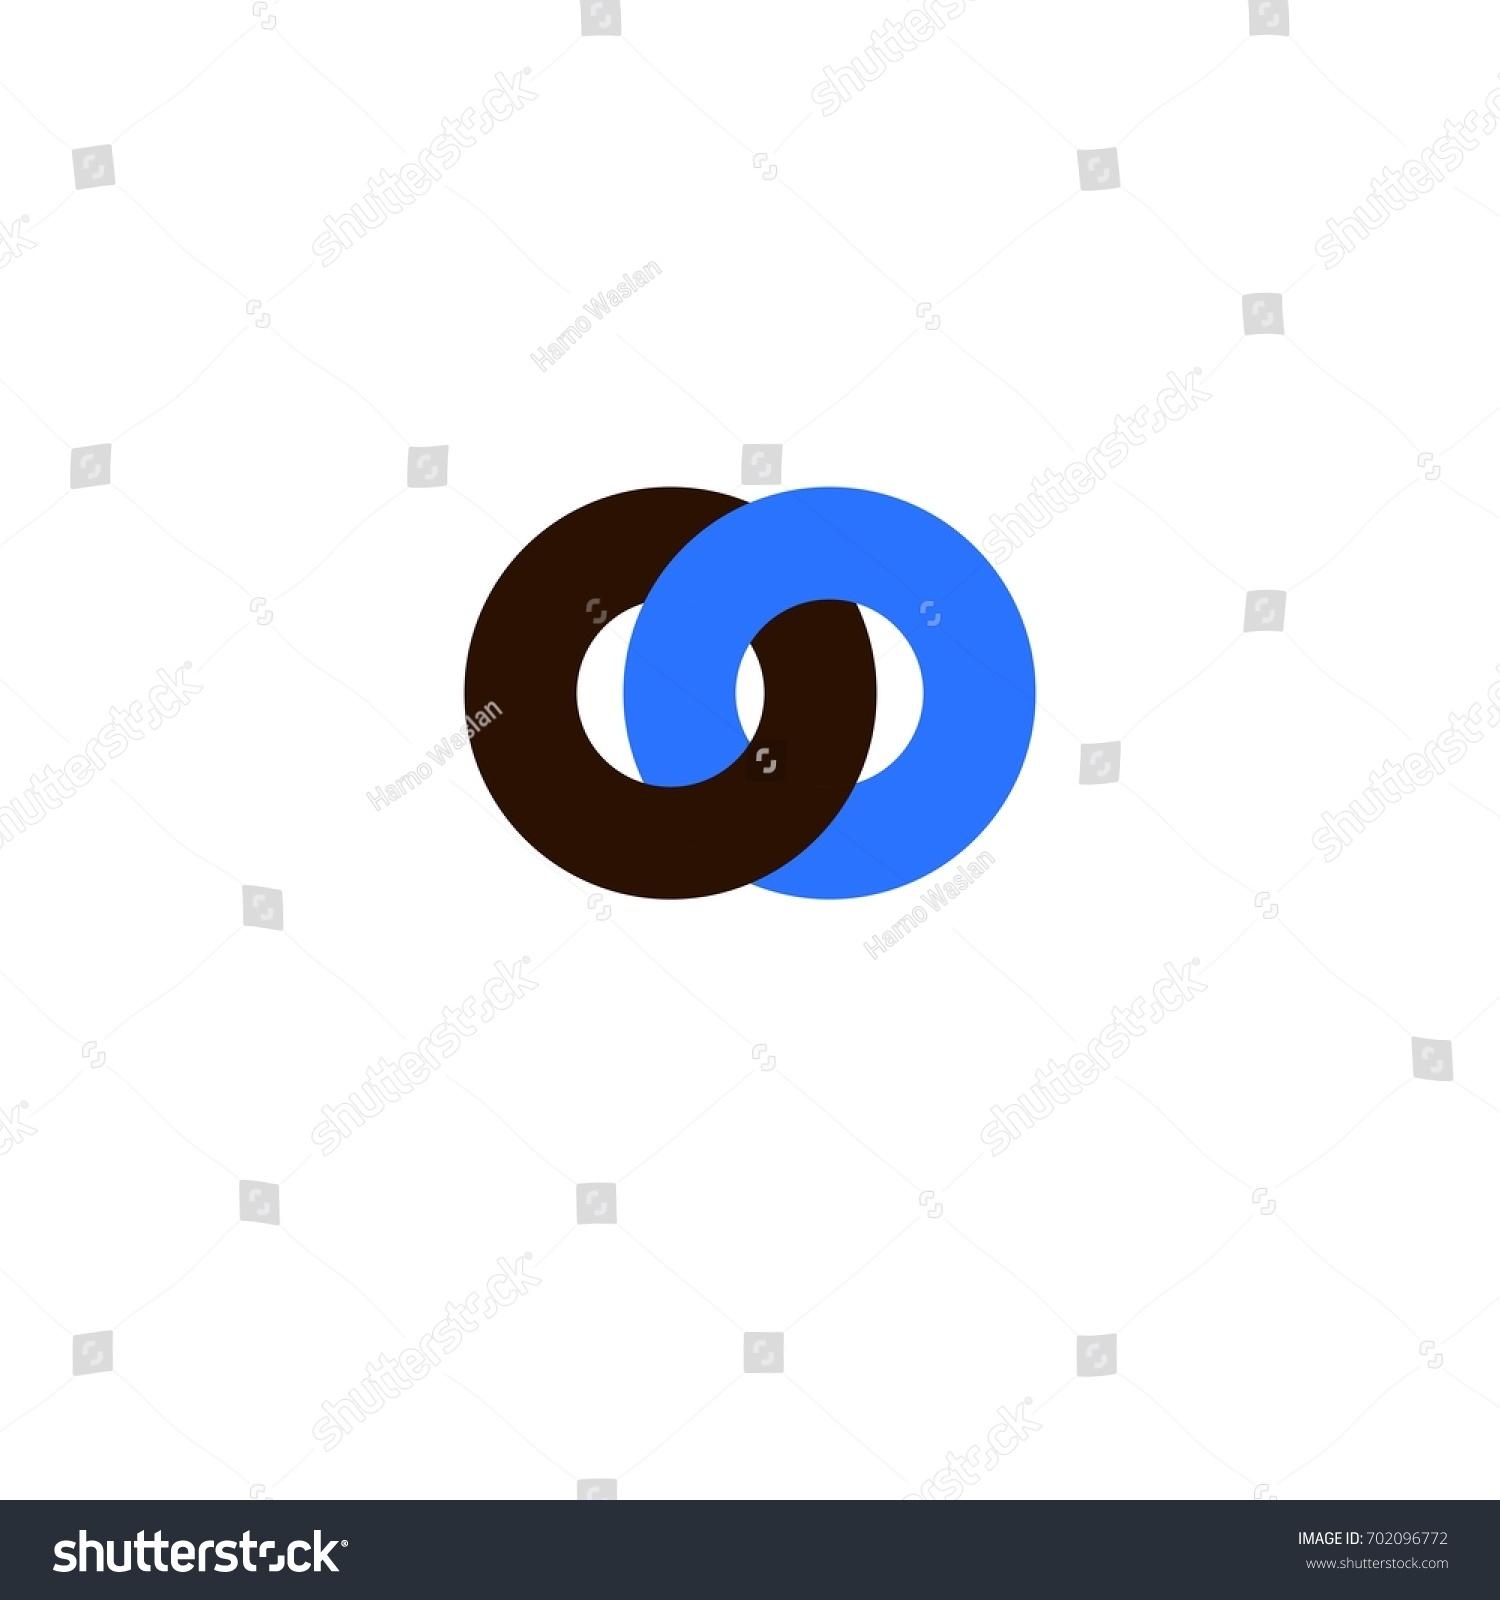 Oo letter logo vector double o stock vector 702096772 shutterstock oo letter logo vector and double o letter logo vector biocorpaavc